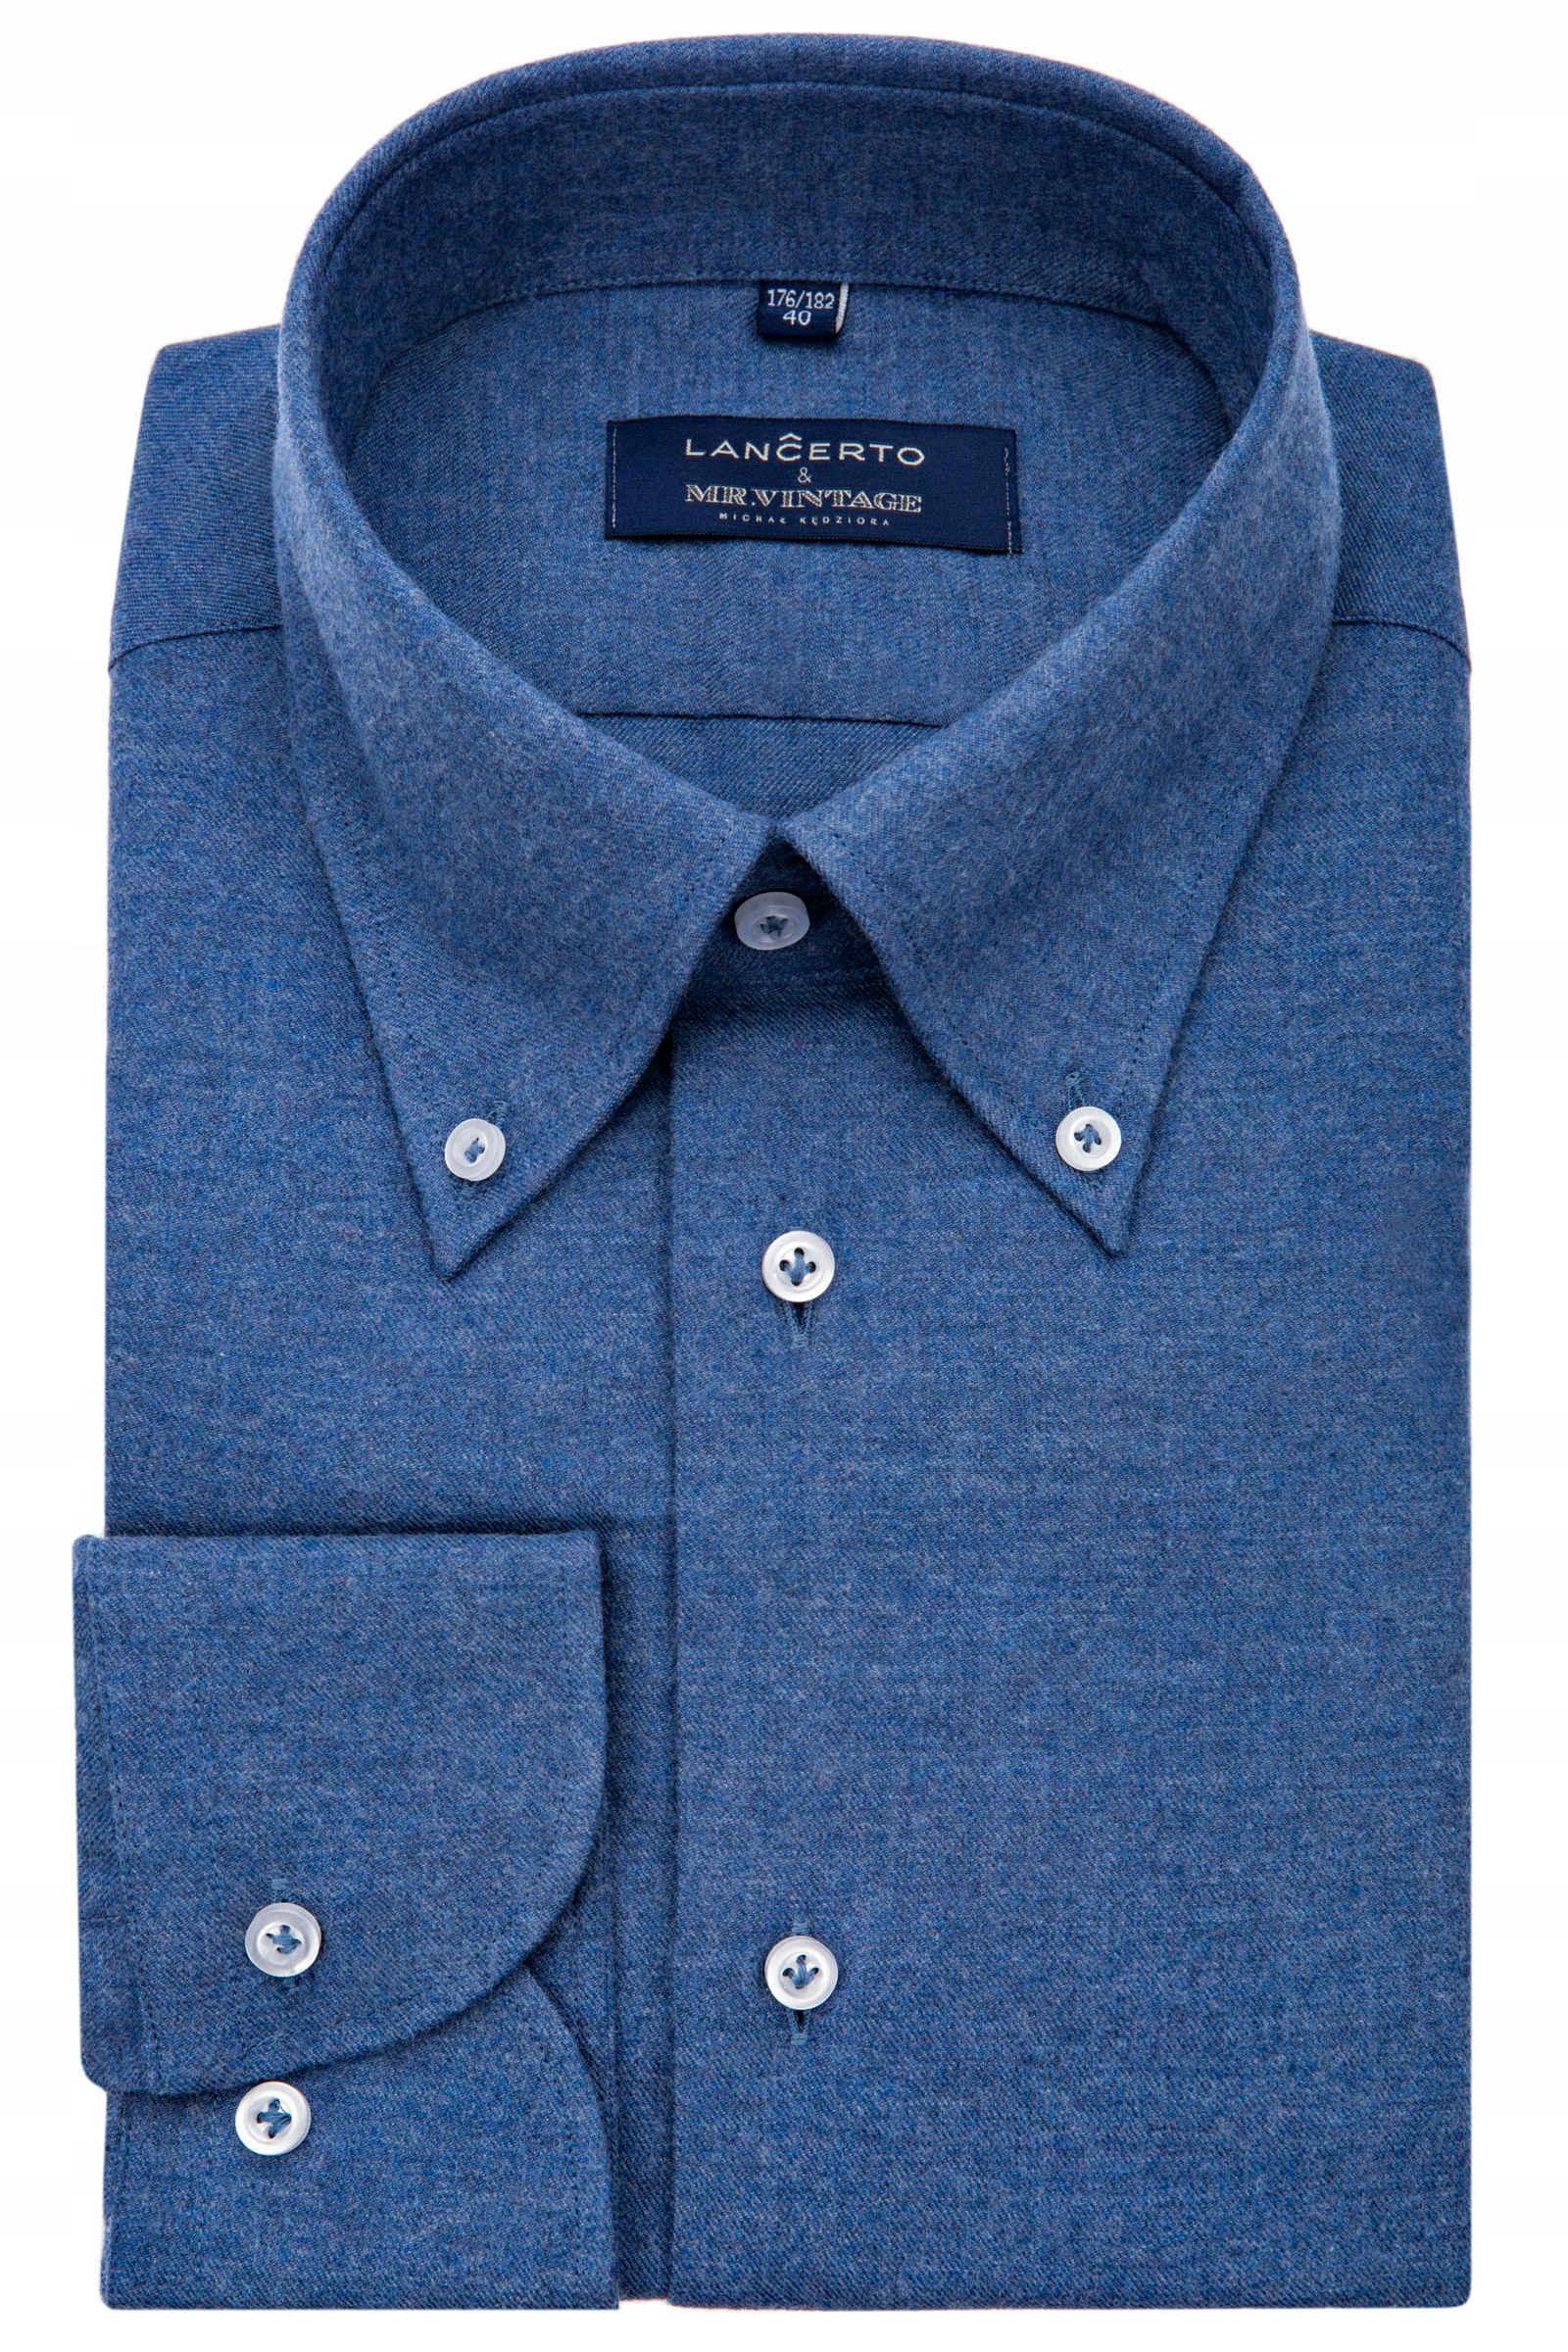 Lancerto tričko&Pán Vintage Calvin 176/38